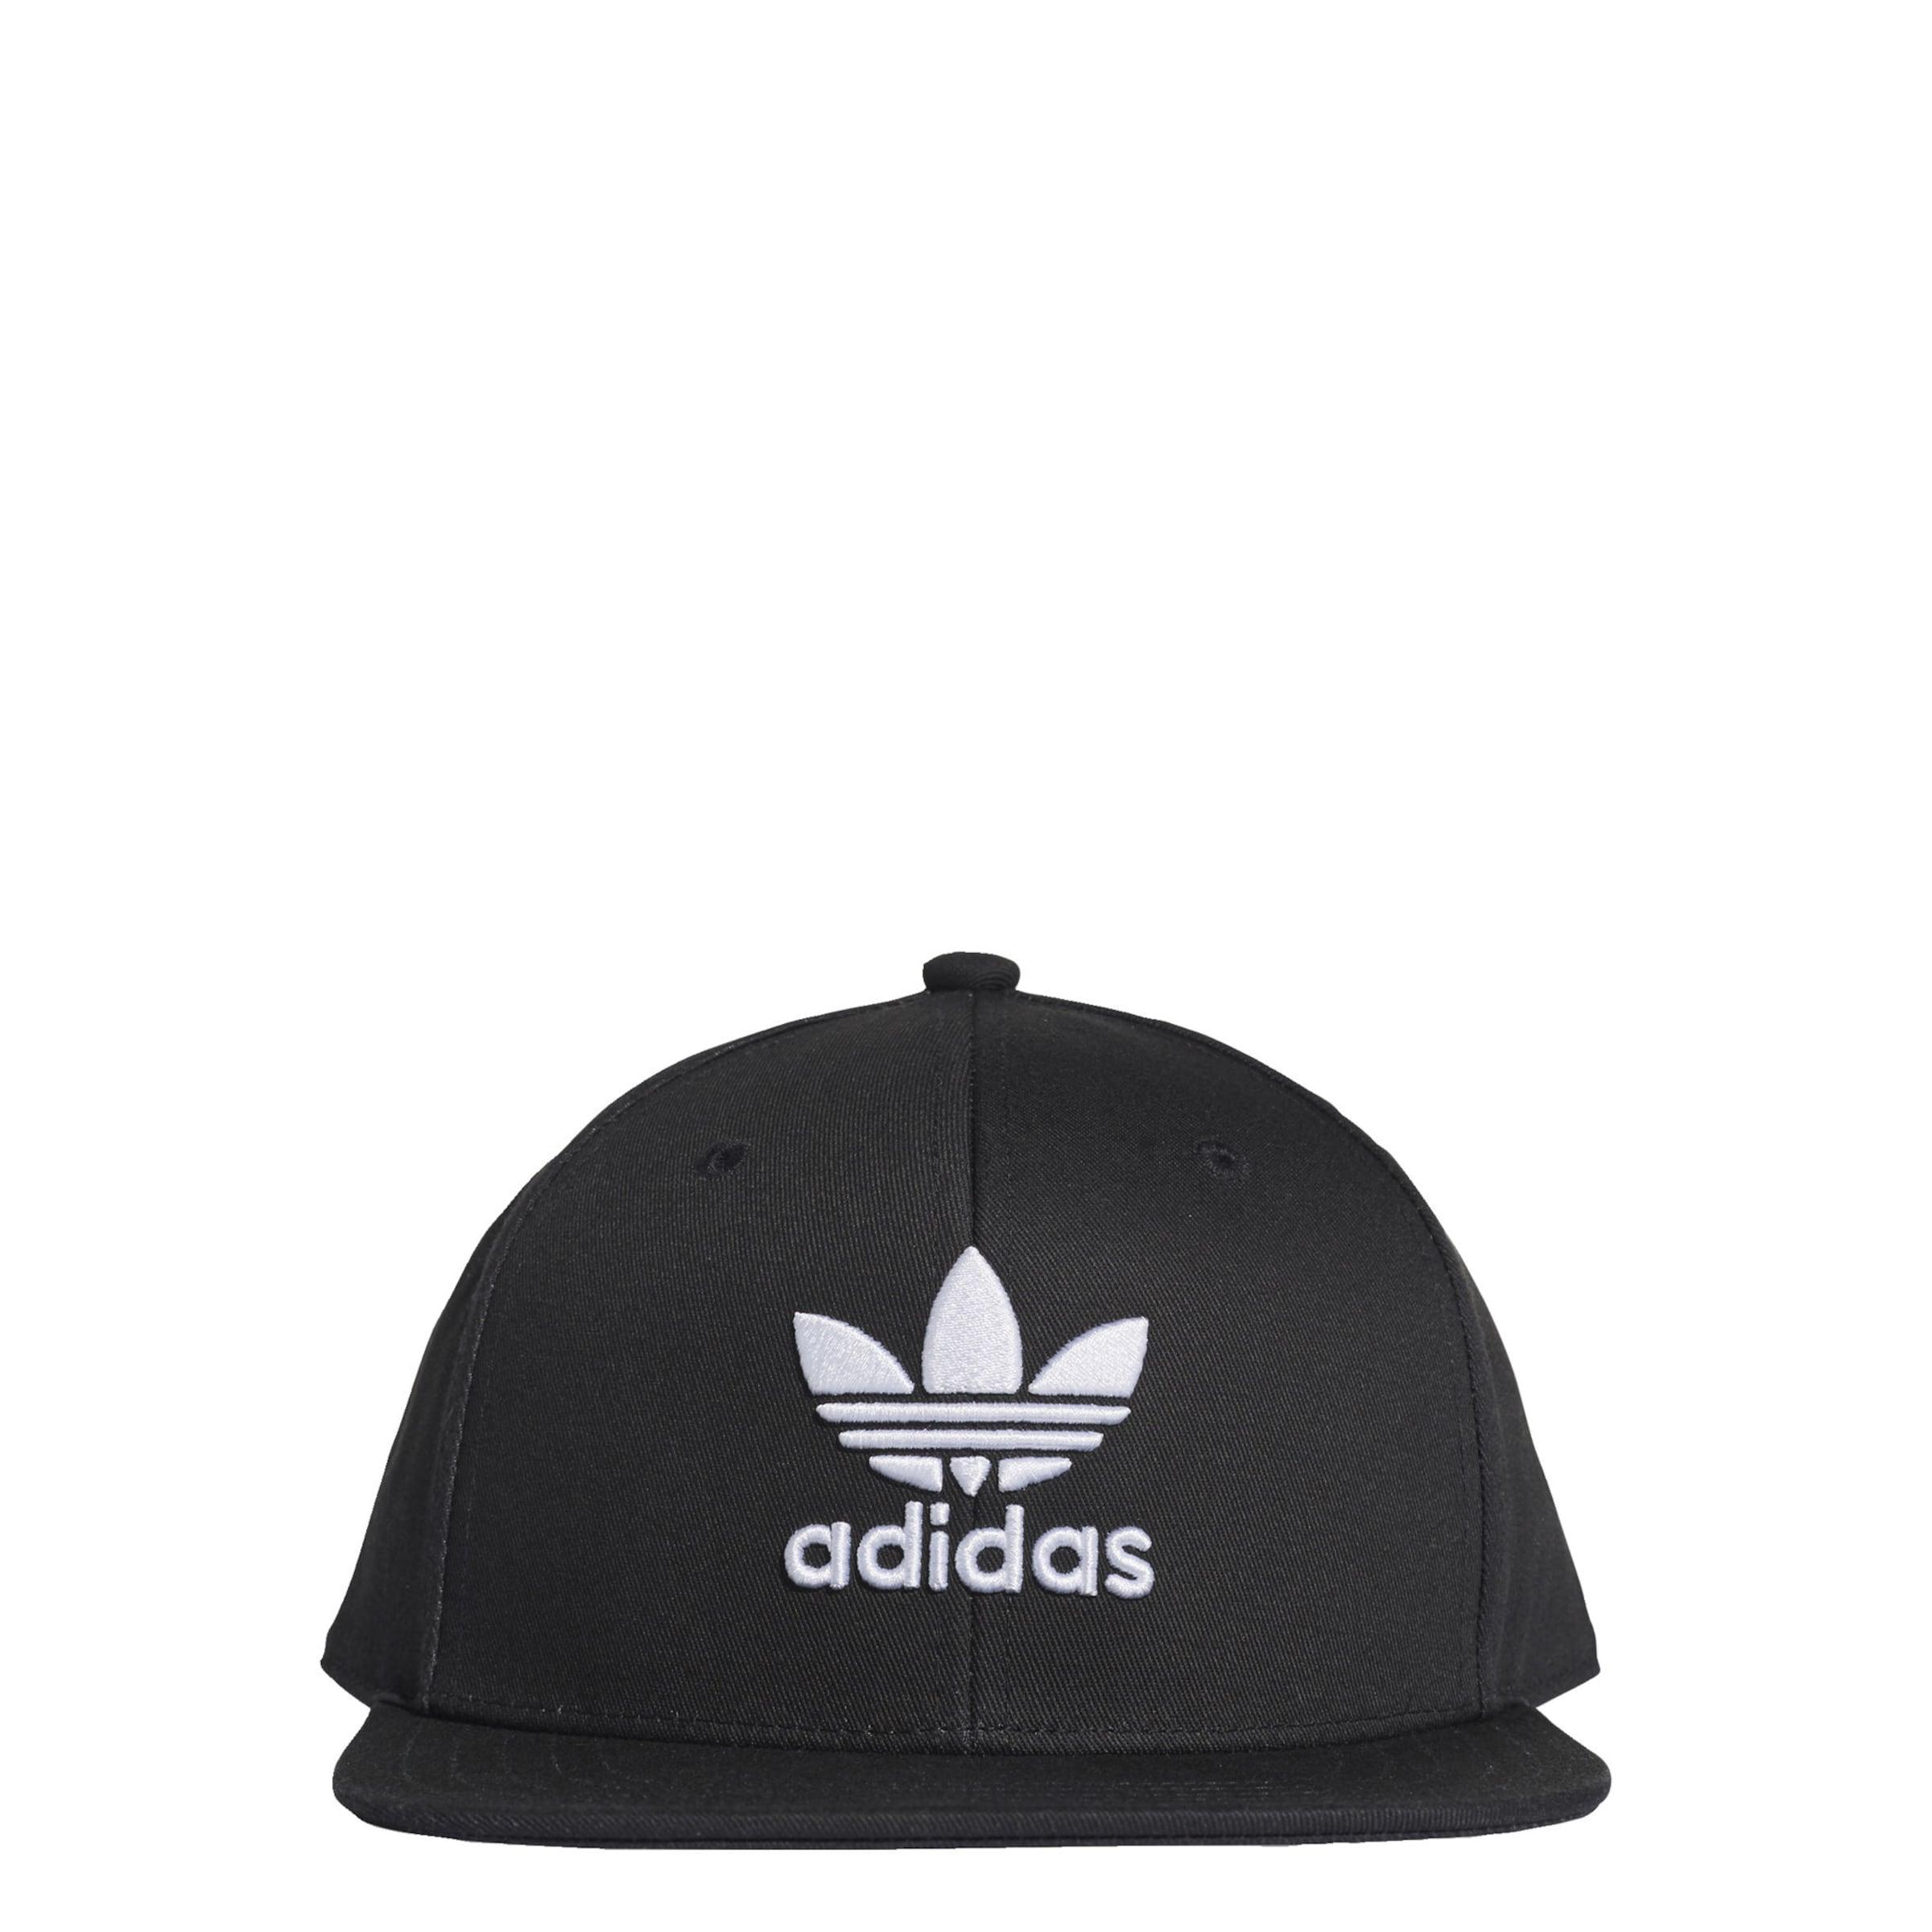 In Cap SchwarzWeiß Adidas Adidas Originals 0wmNyO8vn